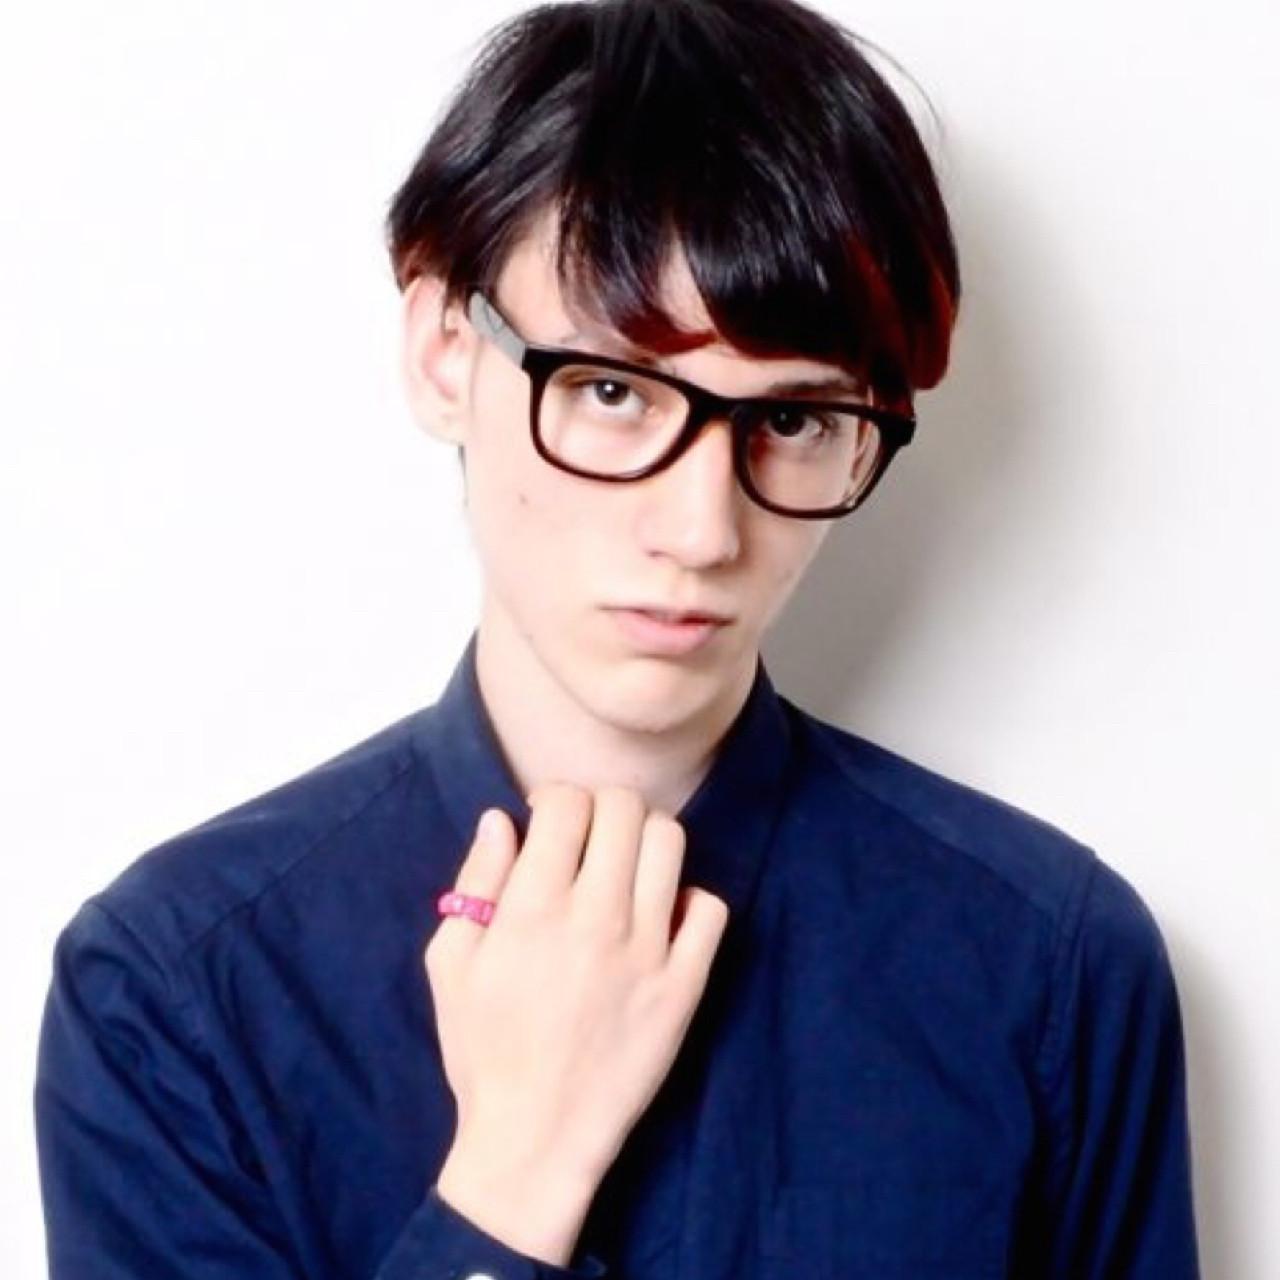 モテ髪 メンズ ボーイッシュ ナチュラル ヘアスタイルや髪型の写真・画像